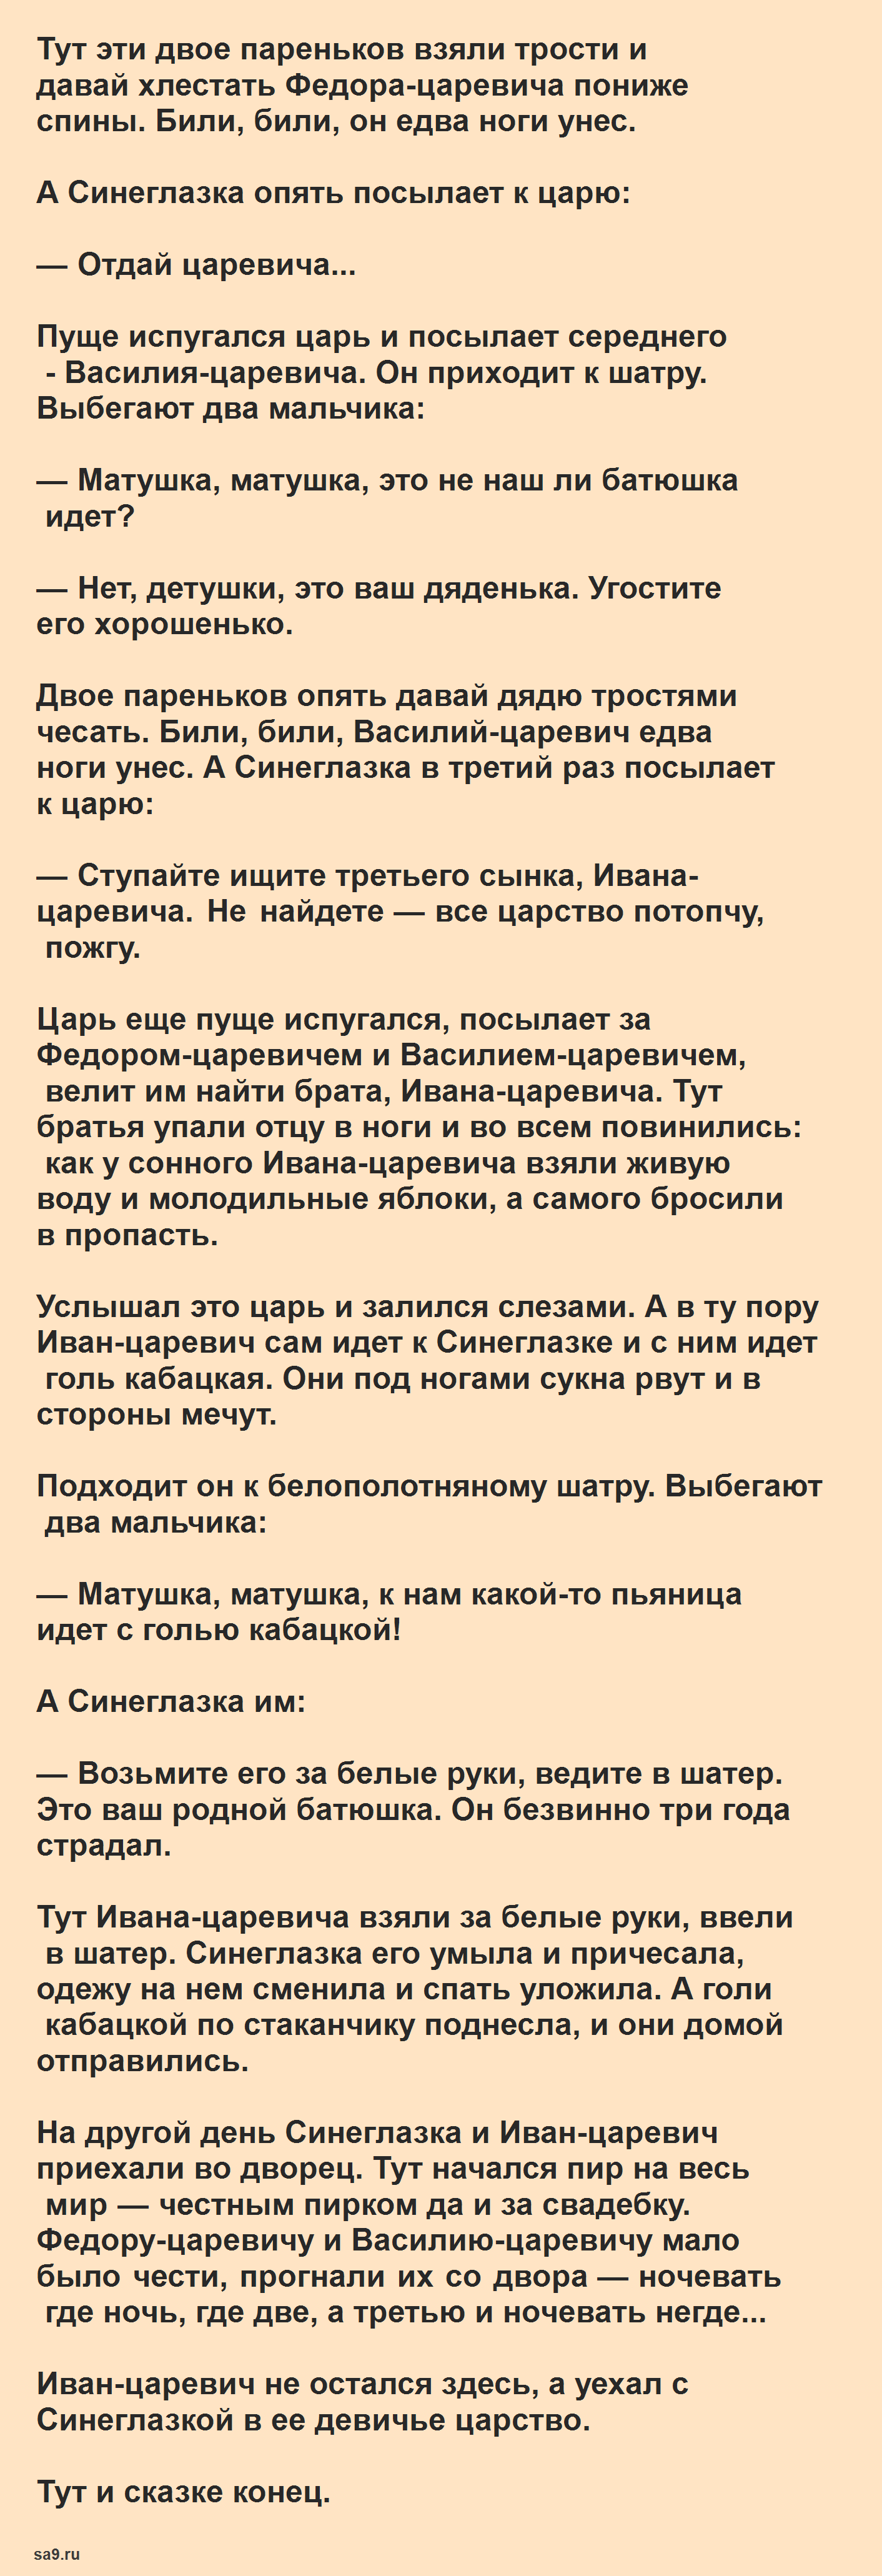 Русская народная сказка для детей – О молодильных яблоках и живой воде